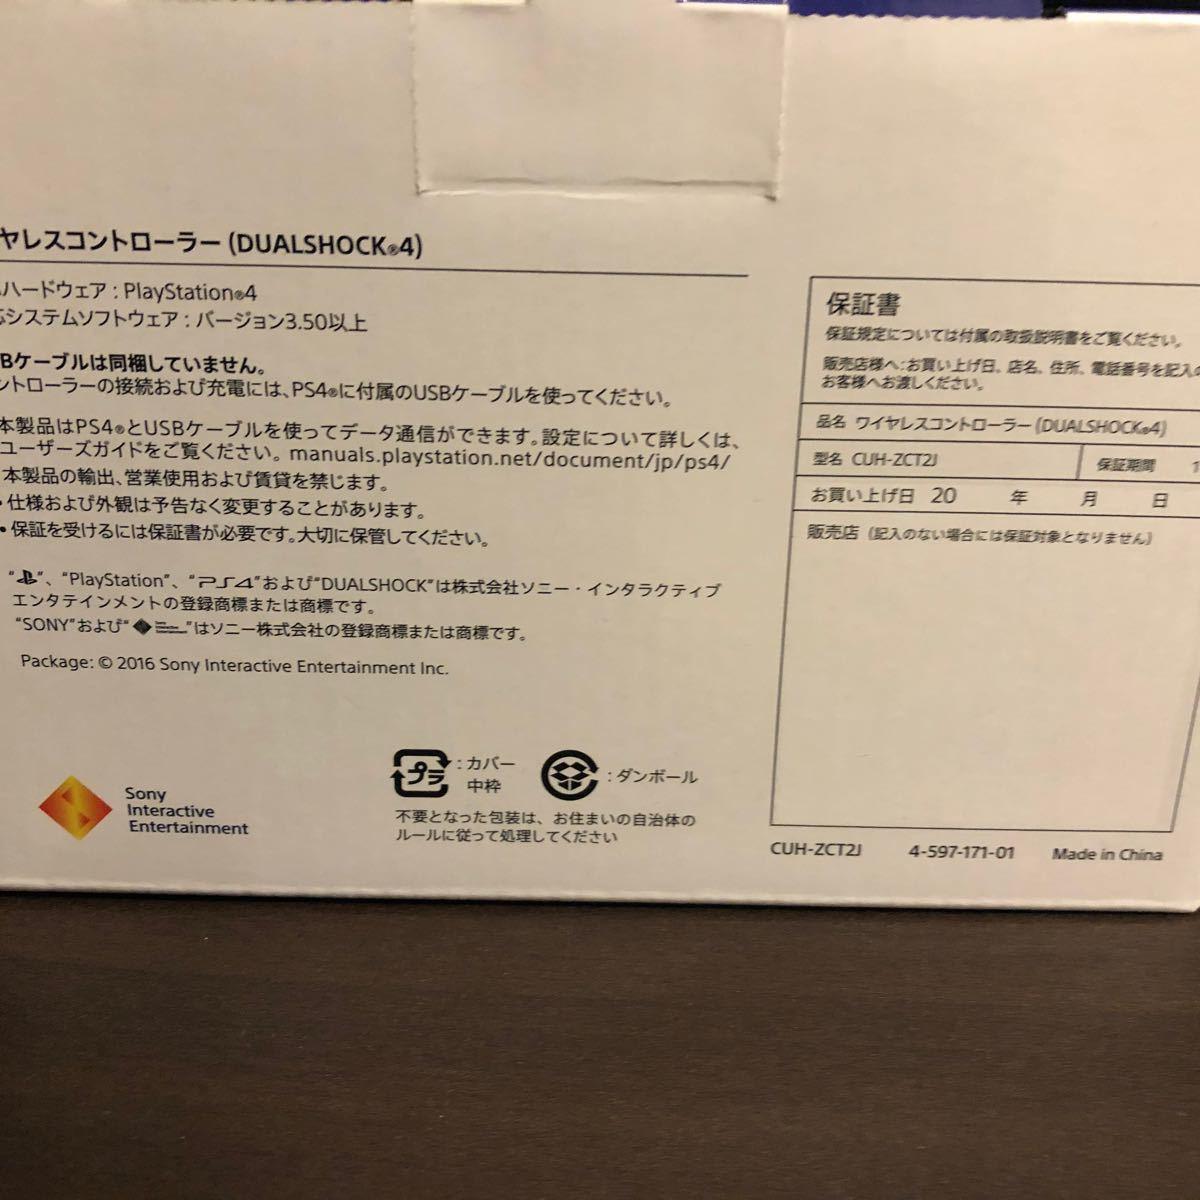 PS4 ワイヤレスコントローラー デュアルショック4純正 新品ブラック